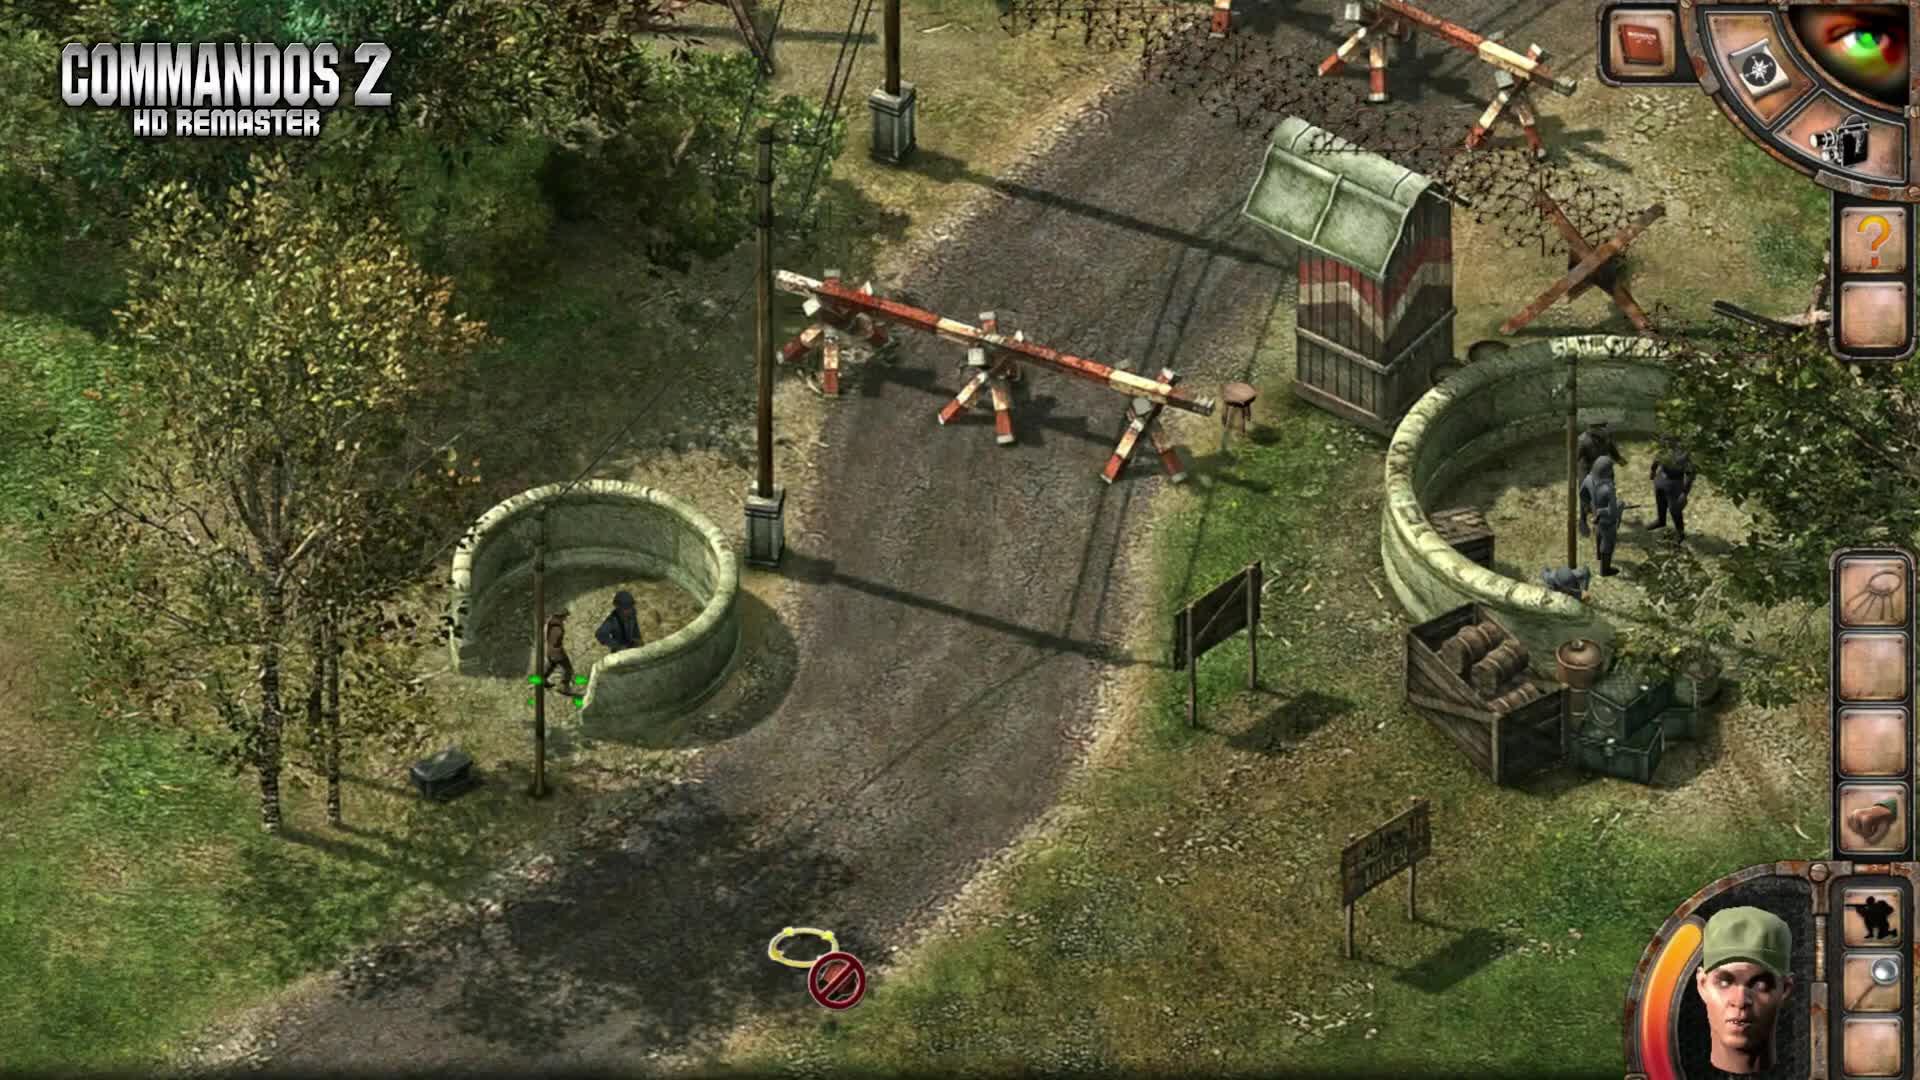 Trailer, Gamescom, Strategiespiel, Kalypso Media, gamescom 2019, Commandos 2, Commandos 2 HD Remaster